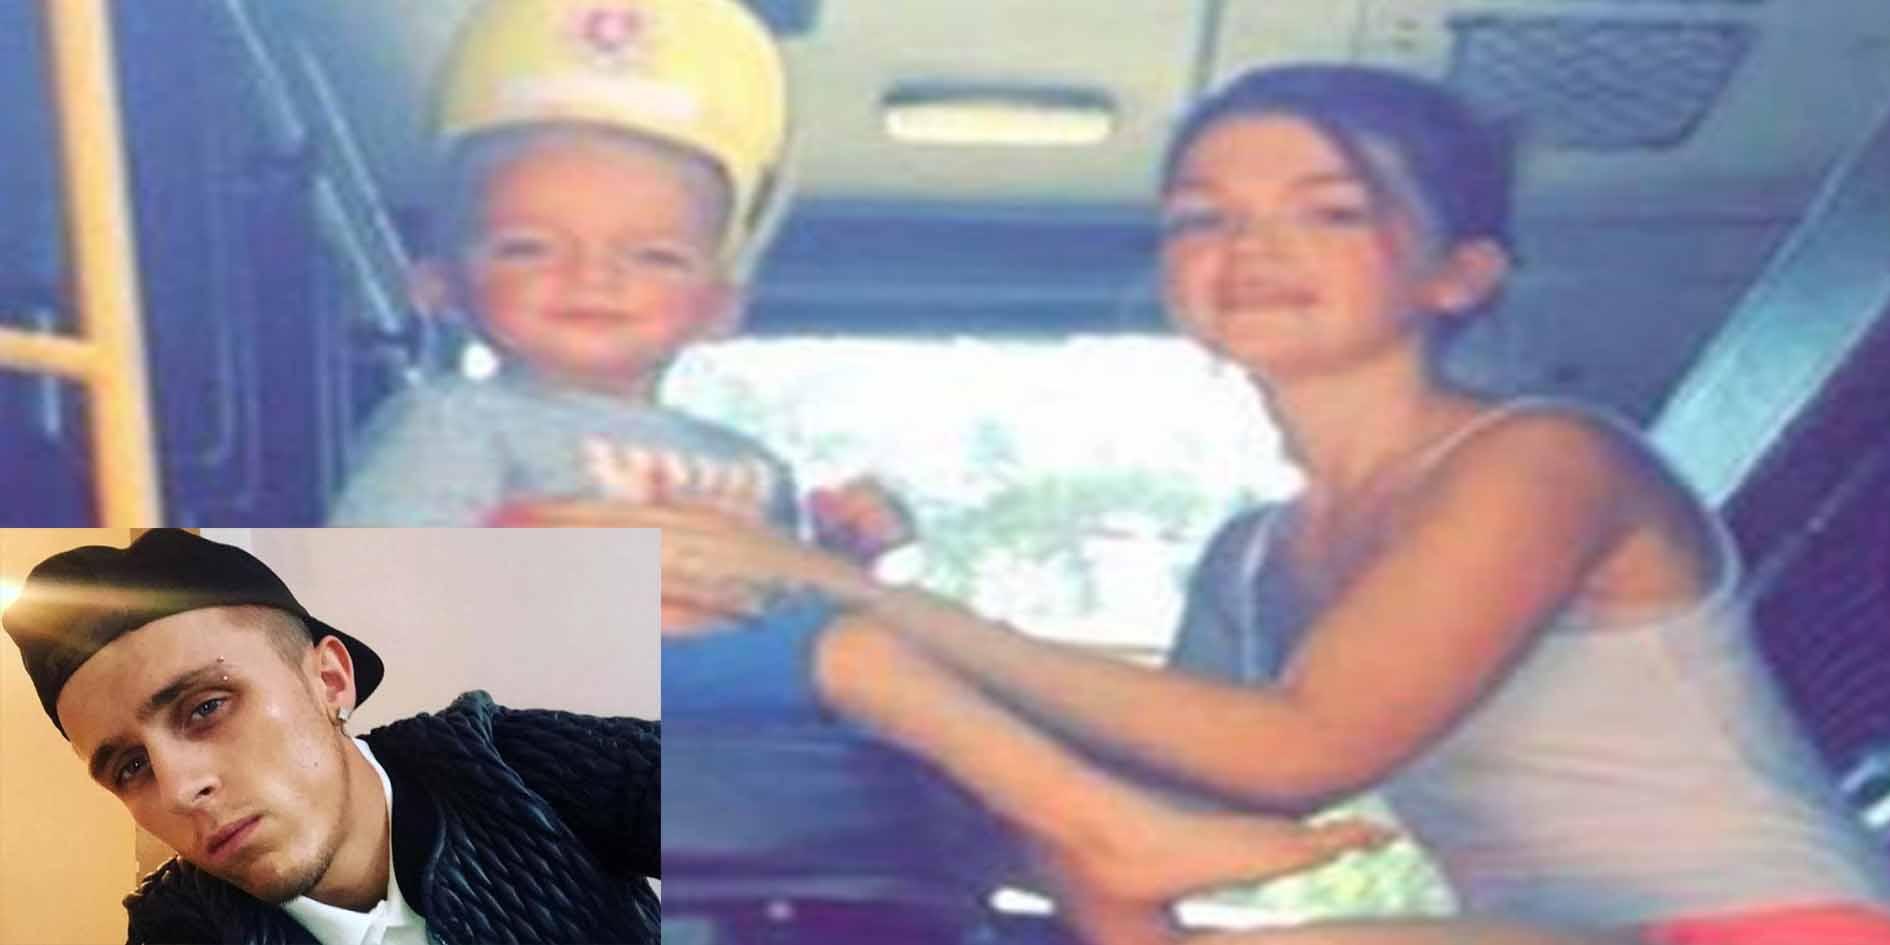 Mata al hijo de 3 años de su novia aplastándolo con el asiento del coche